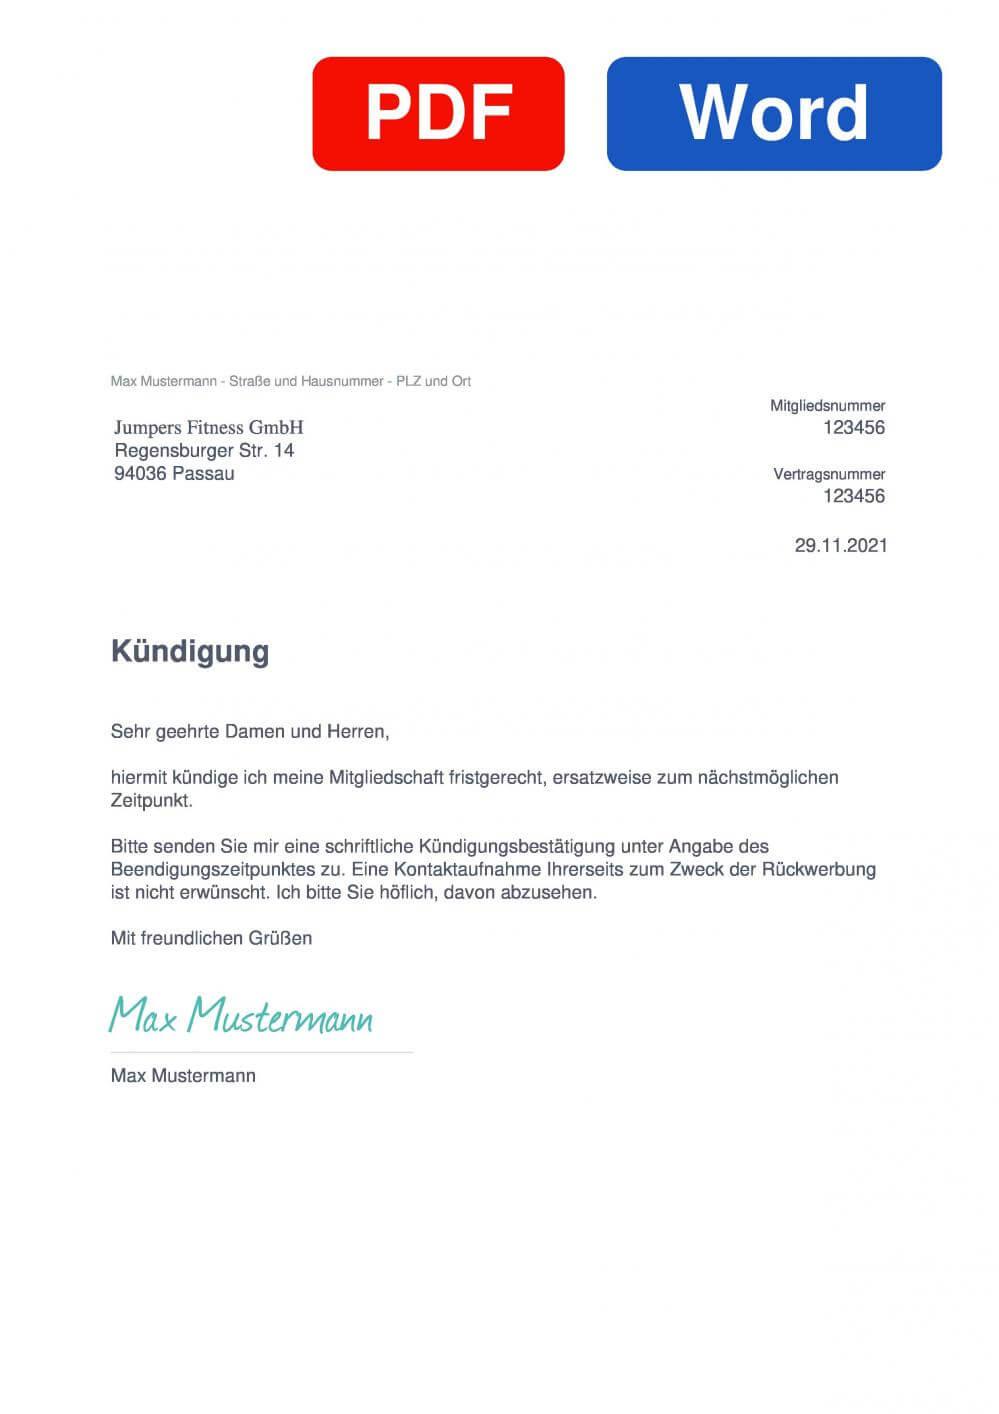 jumpers Passau Muster Vorlage für Kündigungsschreiben